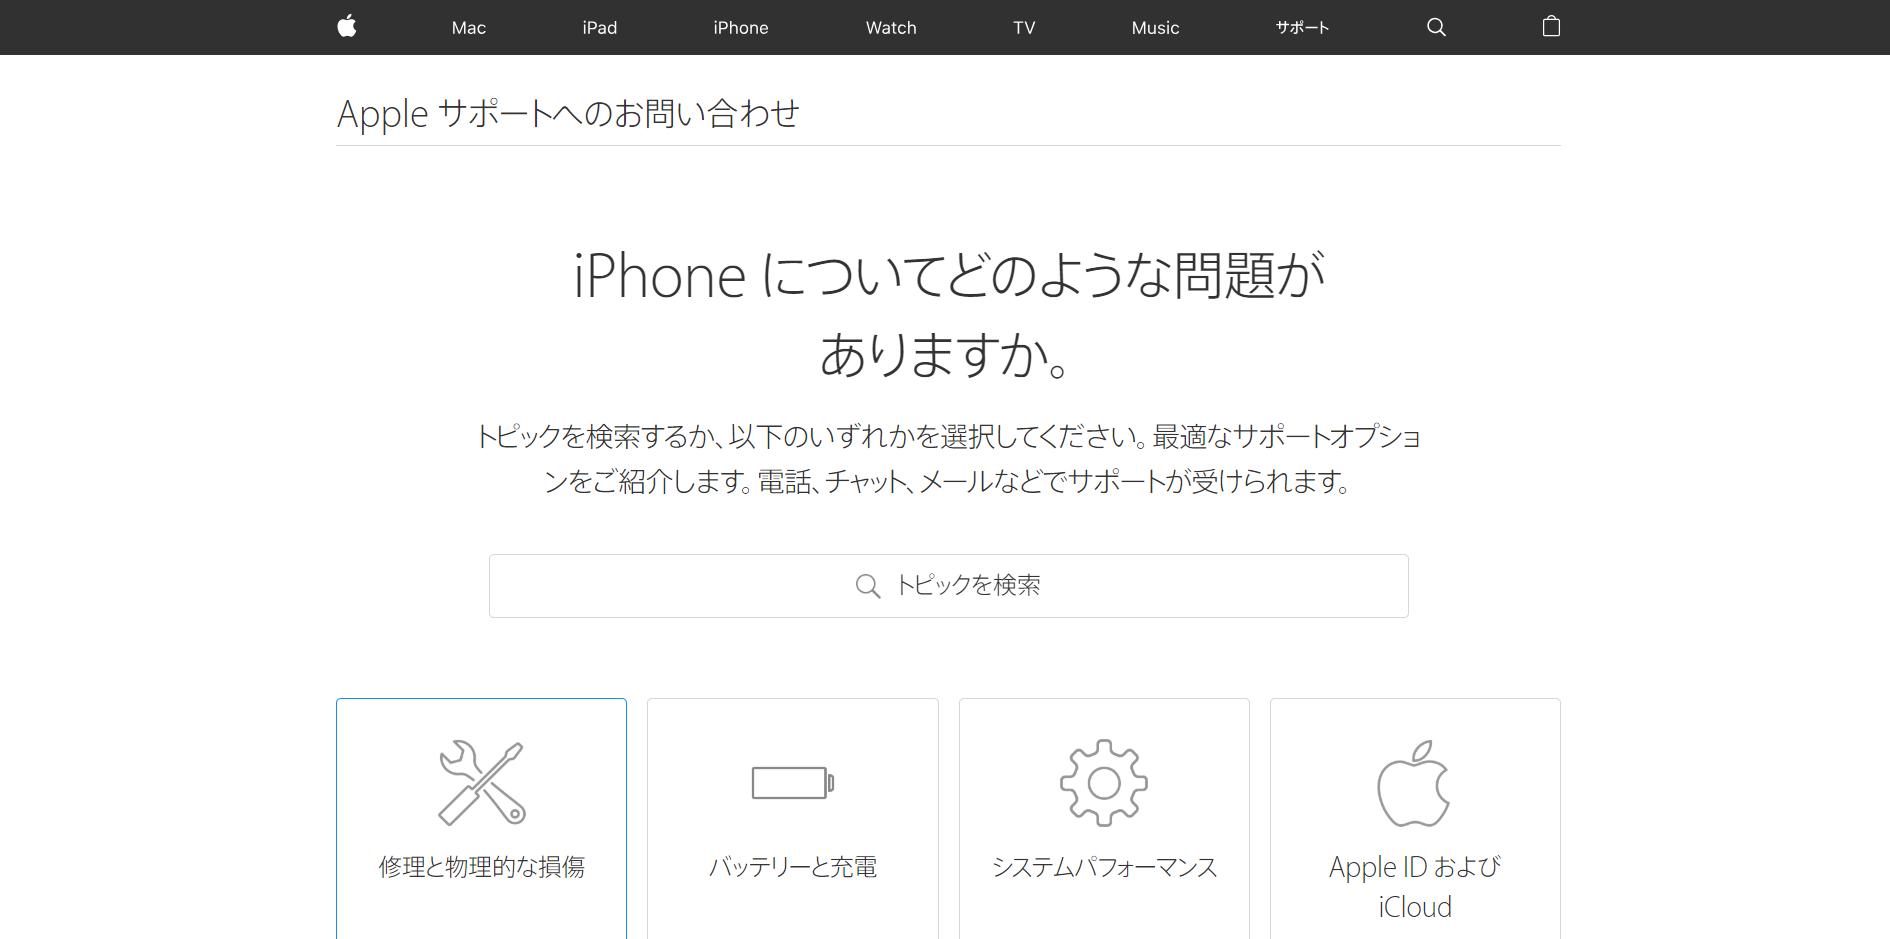 アップルサポートへの問い合わせ2